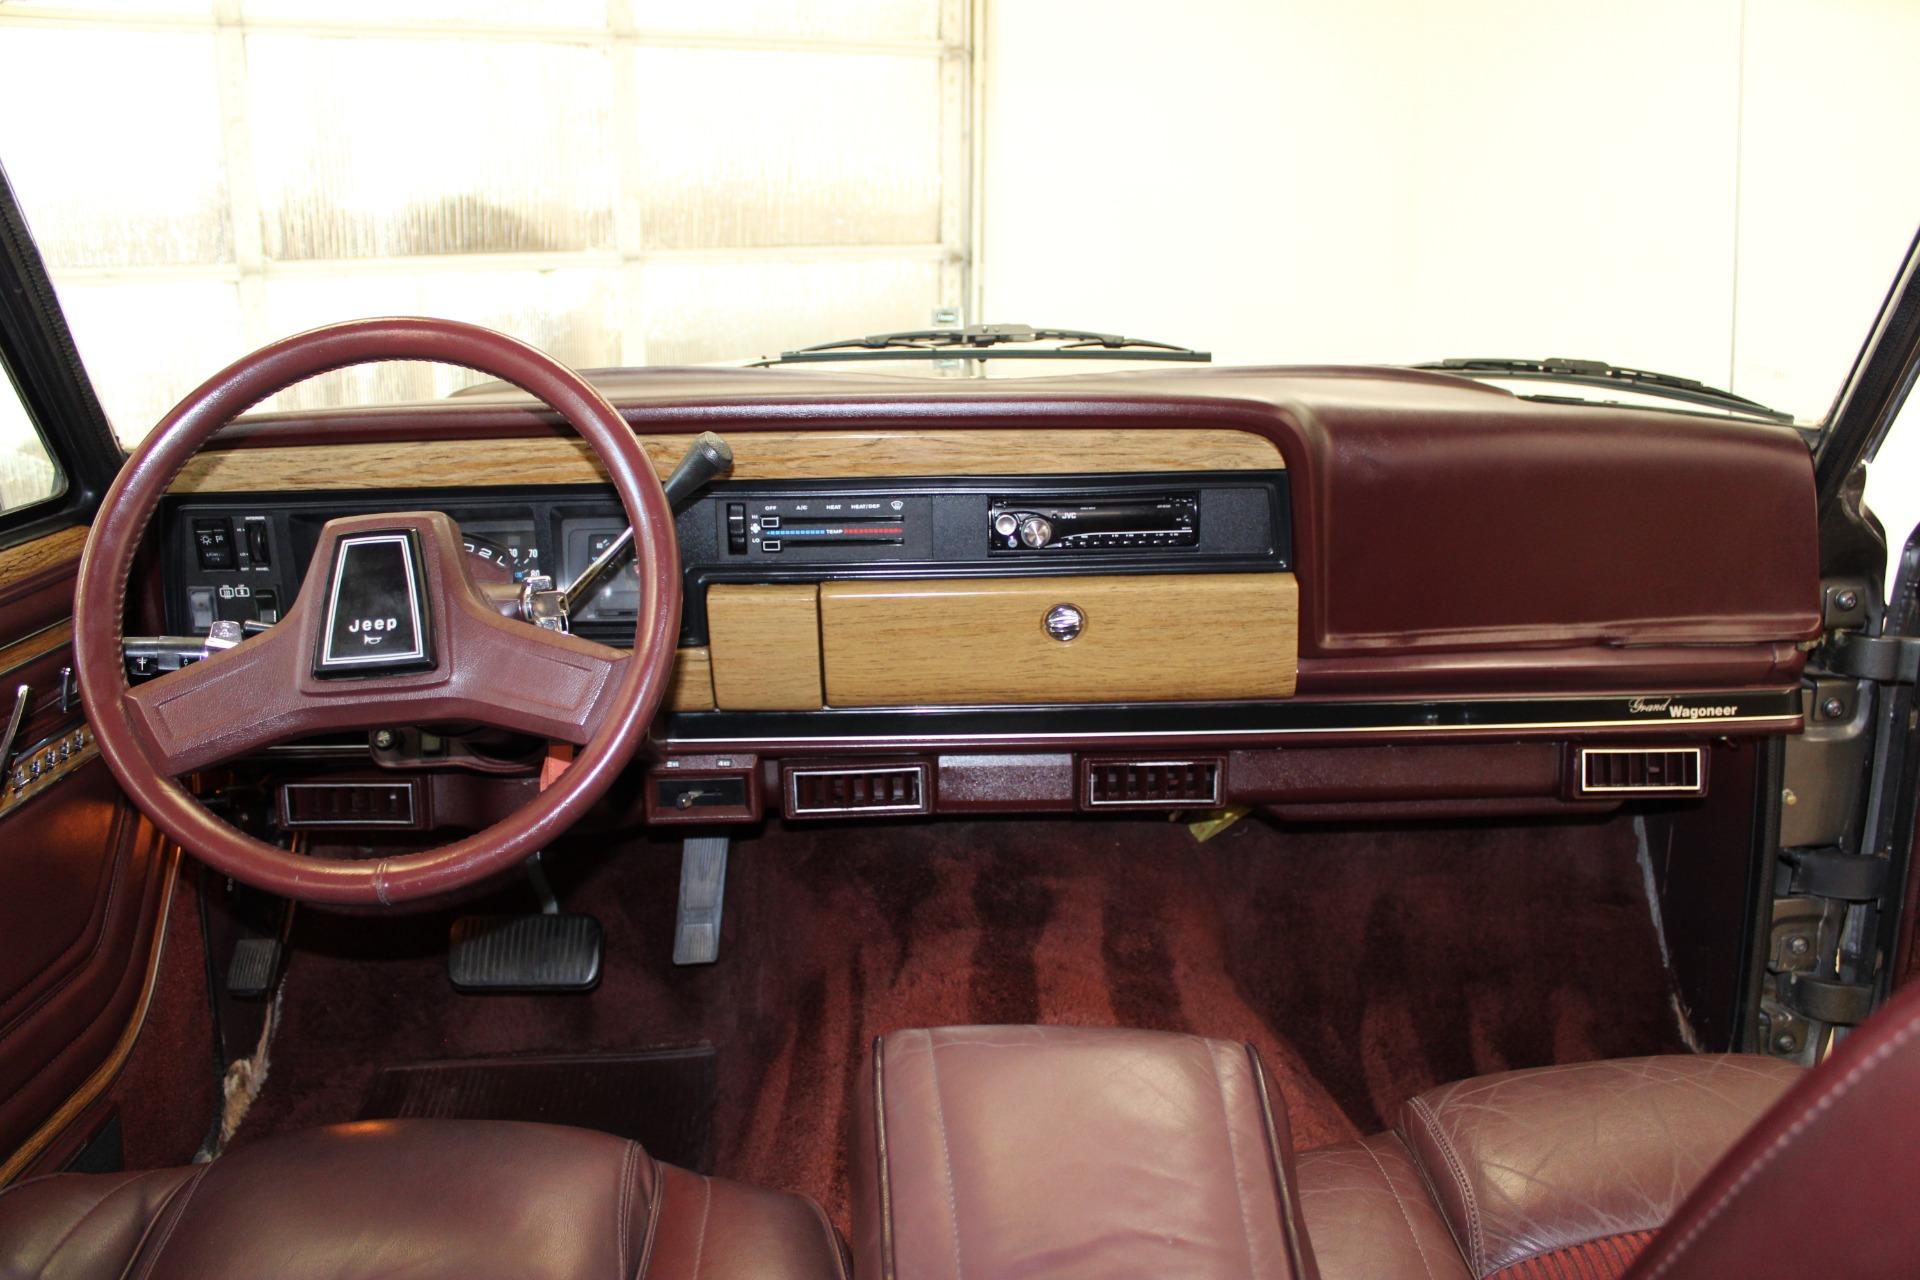 Used-1989-Jeep-Grand-Wagoneer-vintage